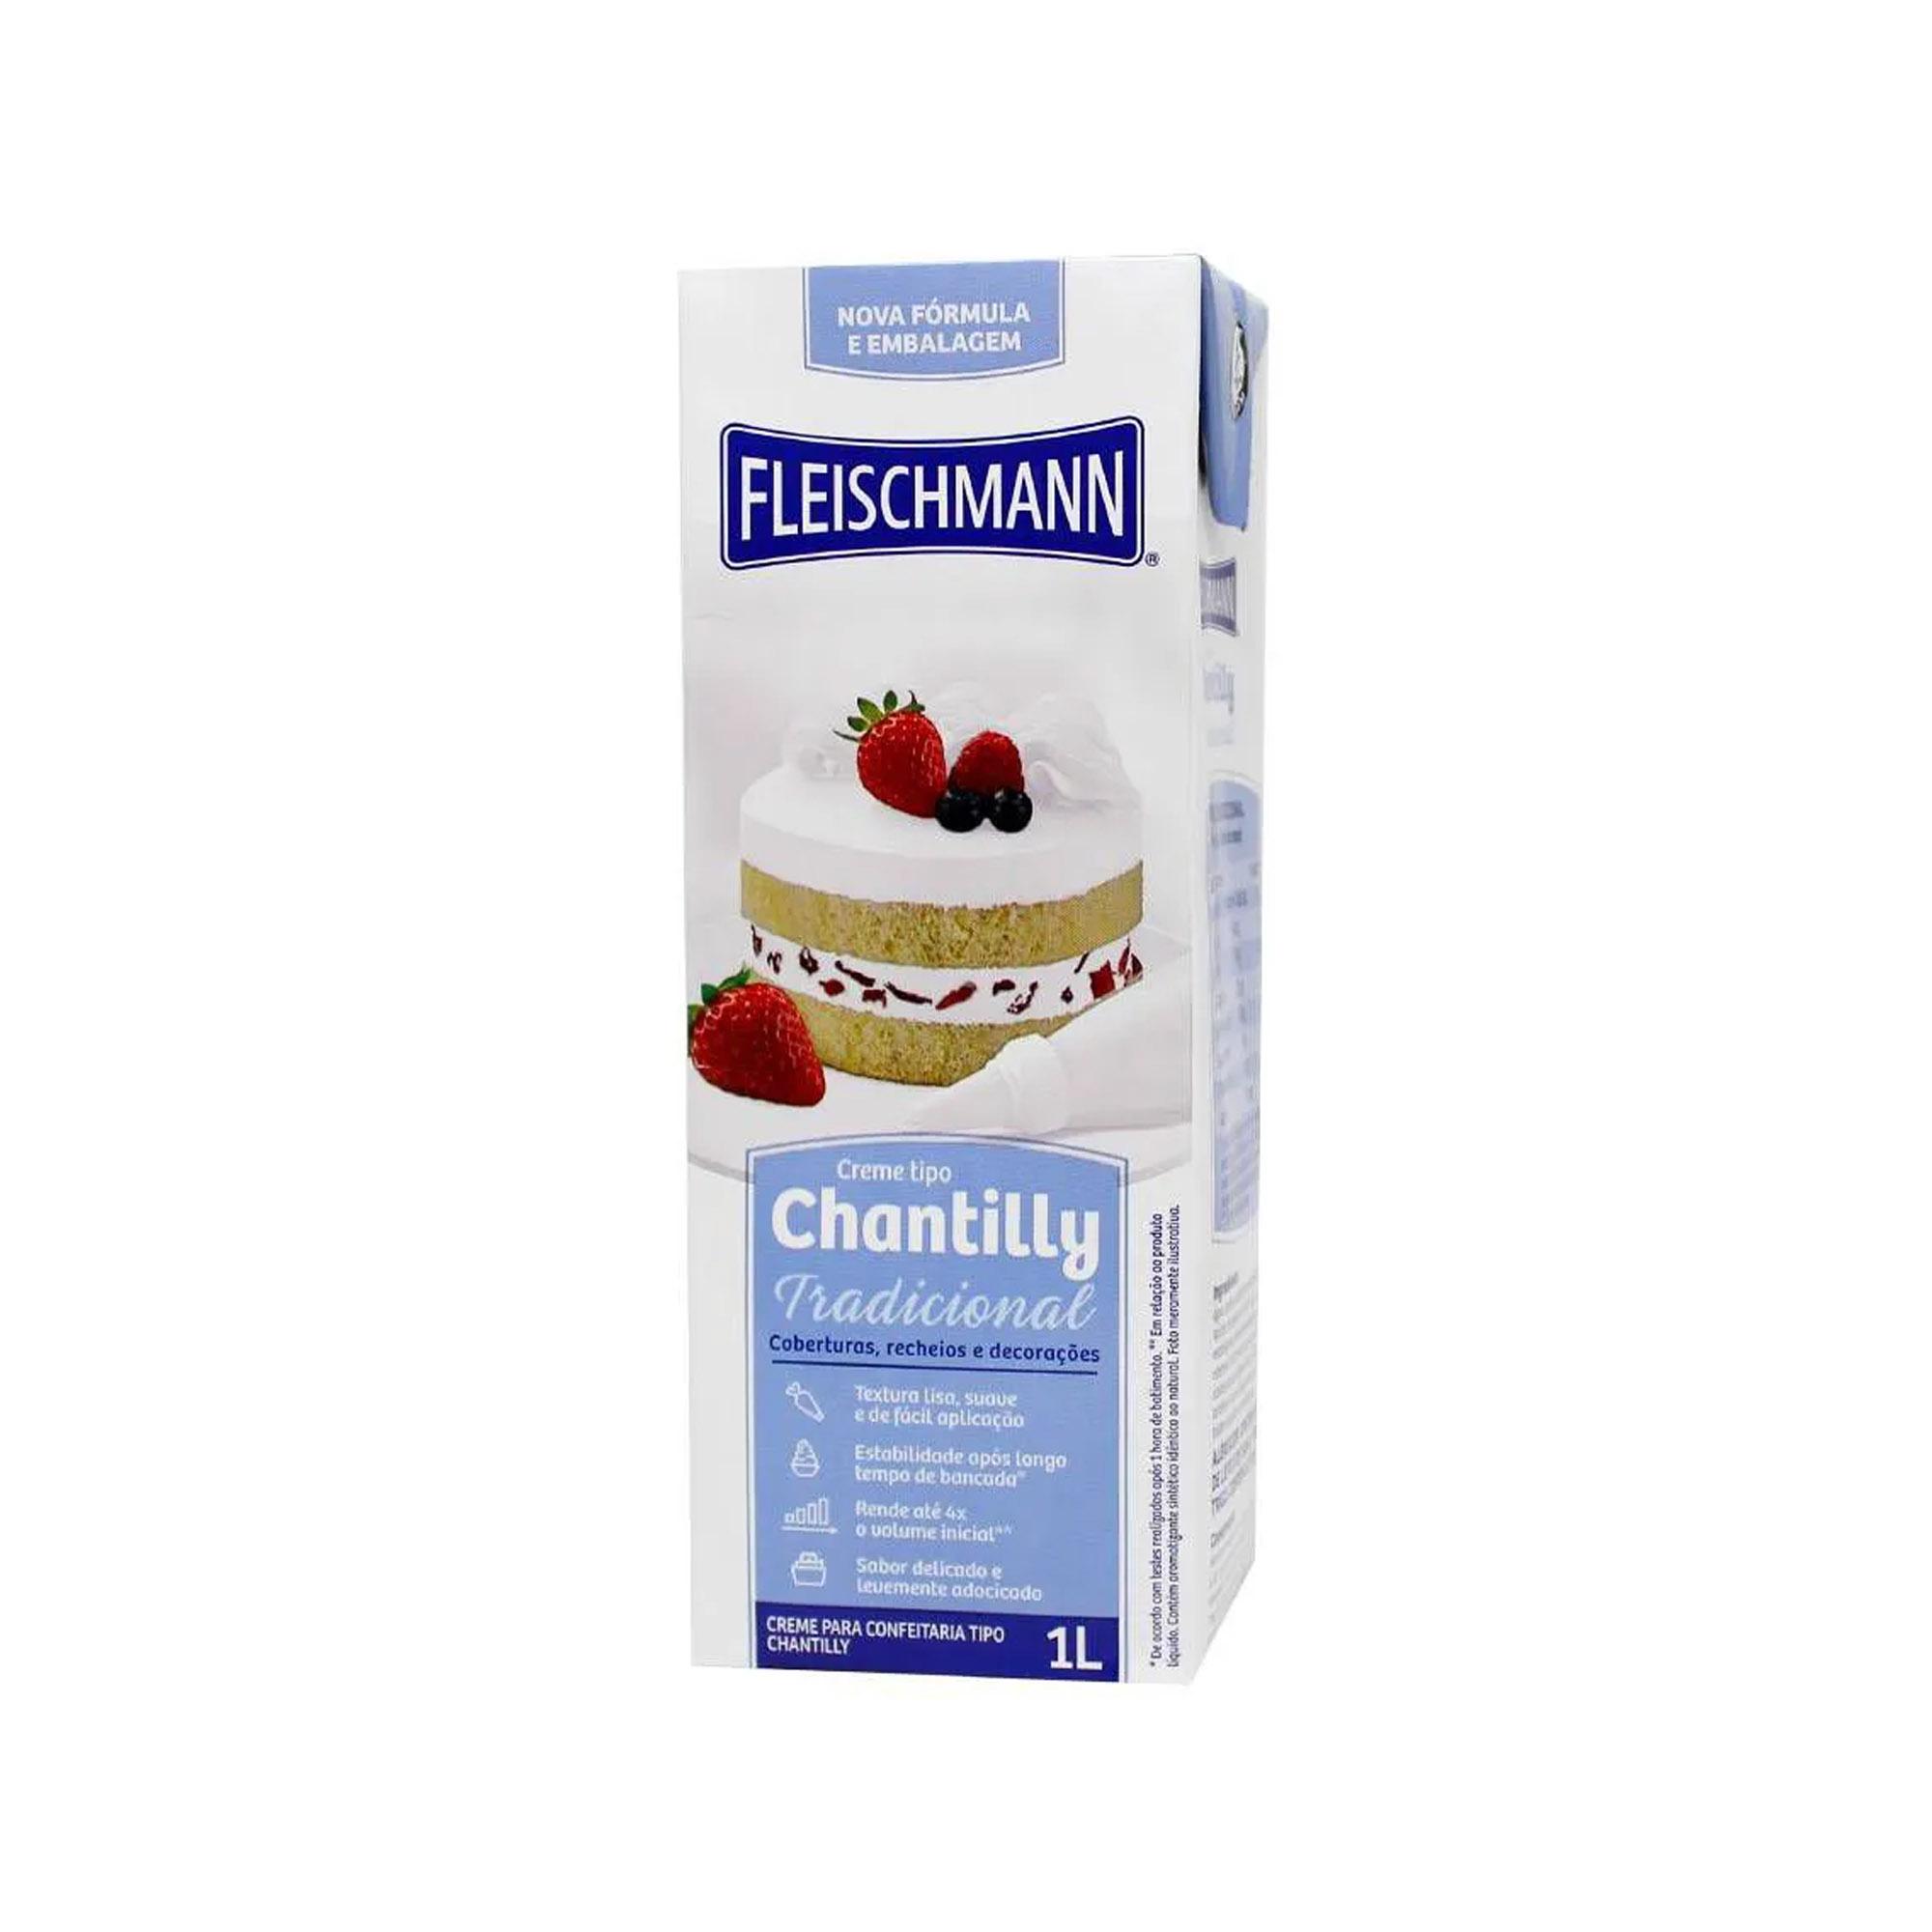 CHANTILLY 1L FLEISCHMANN